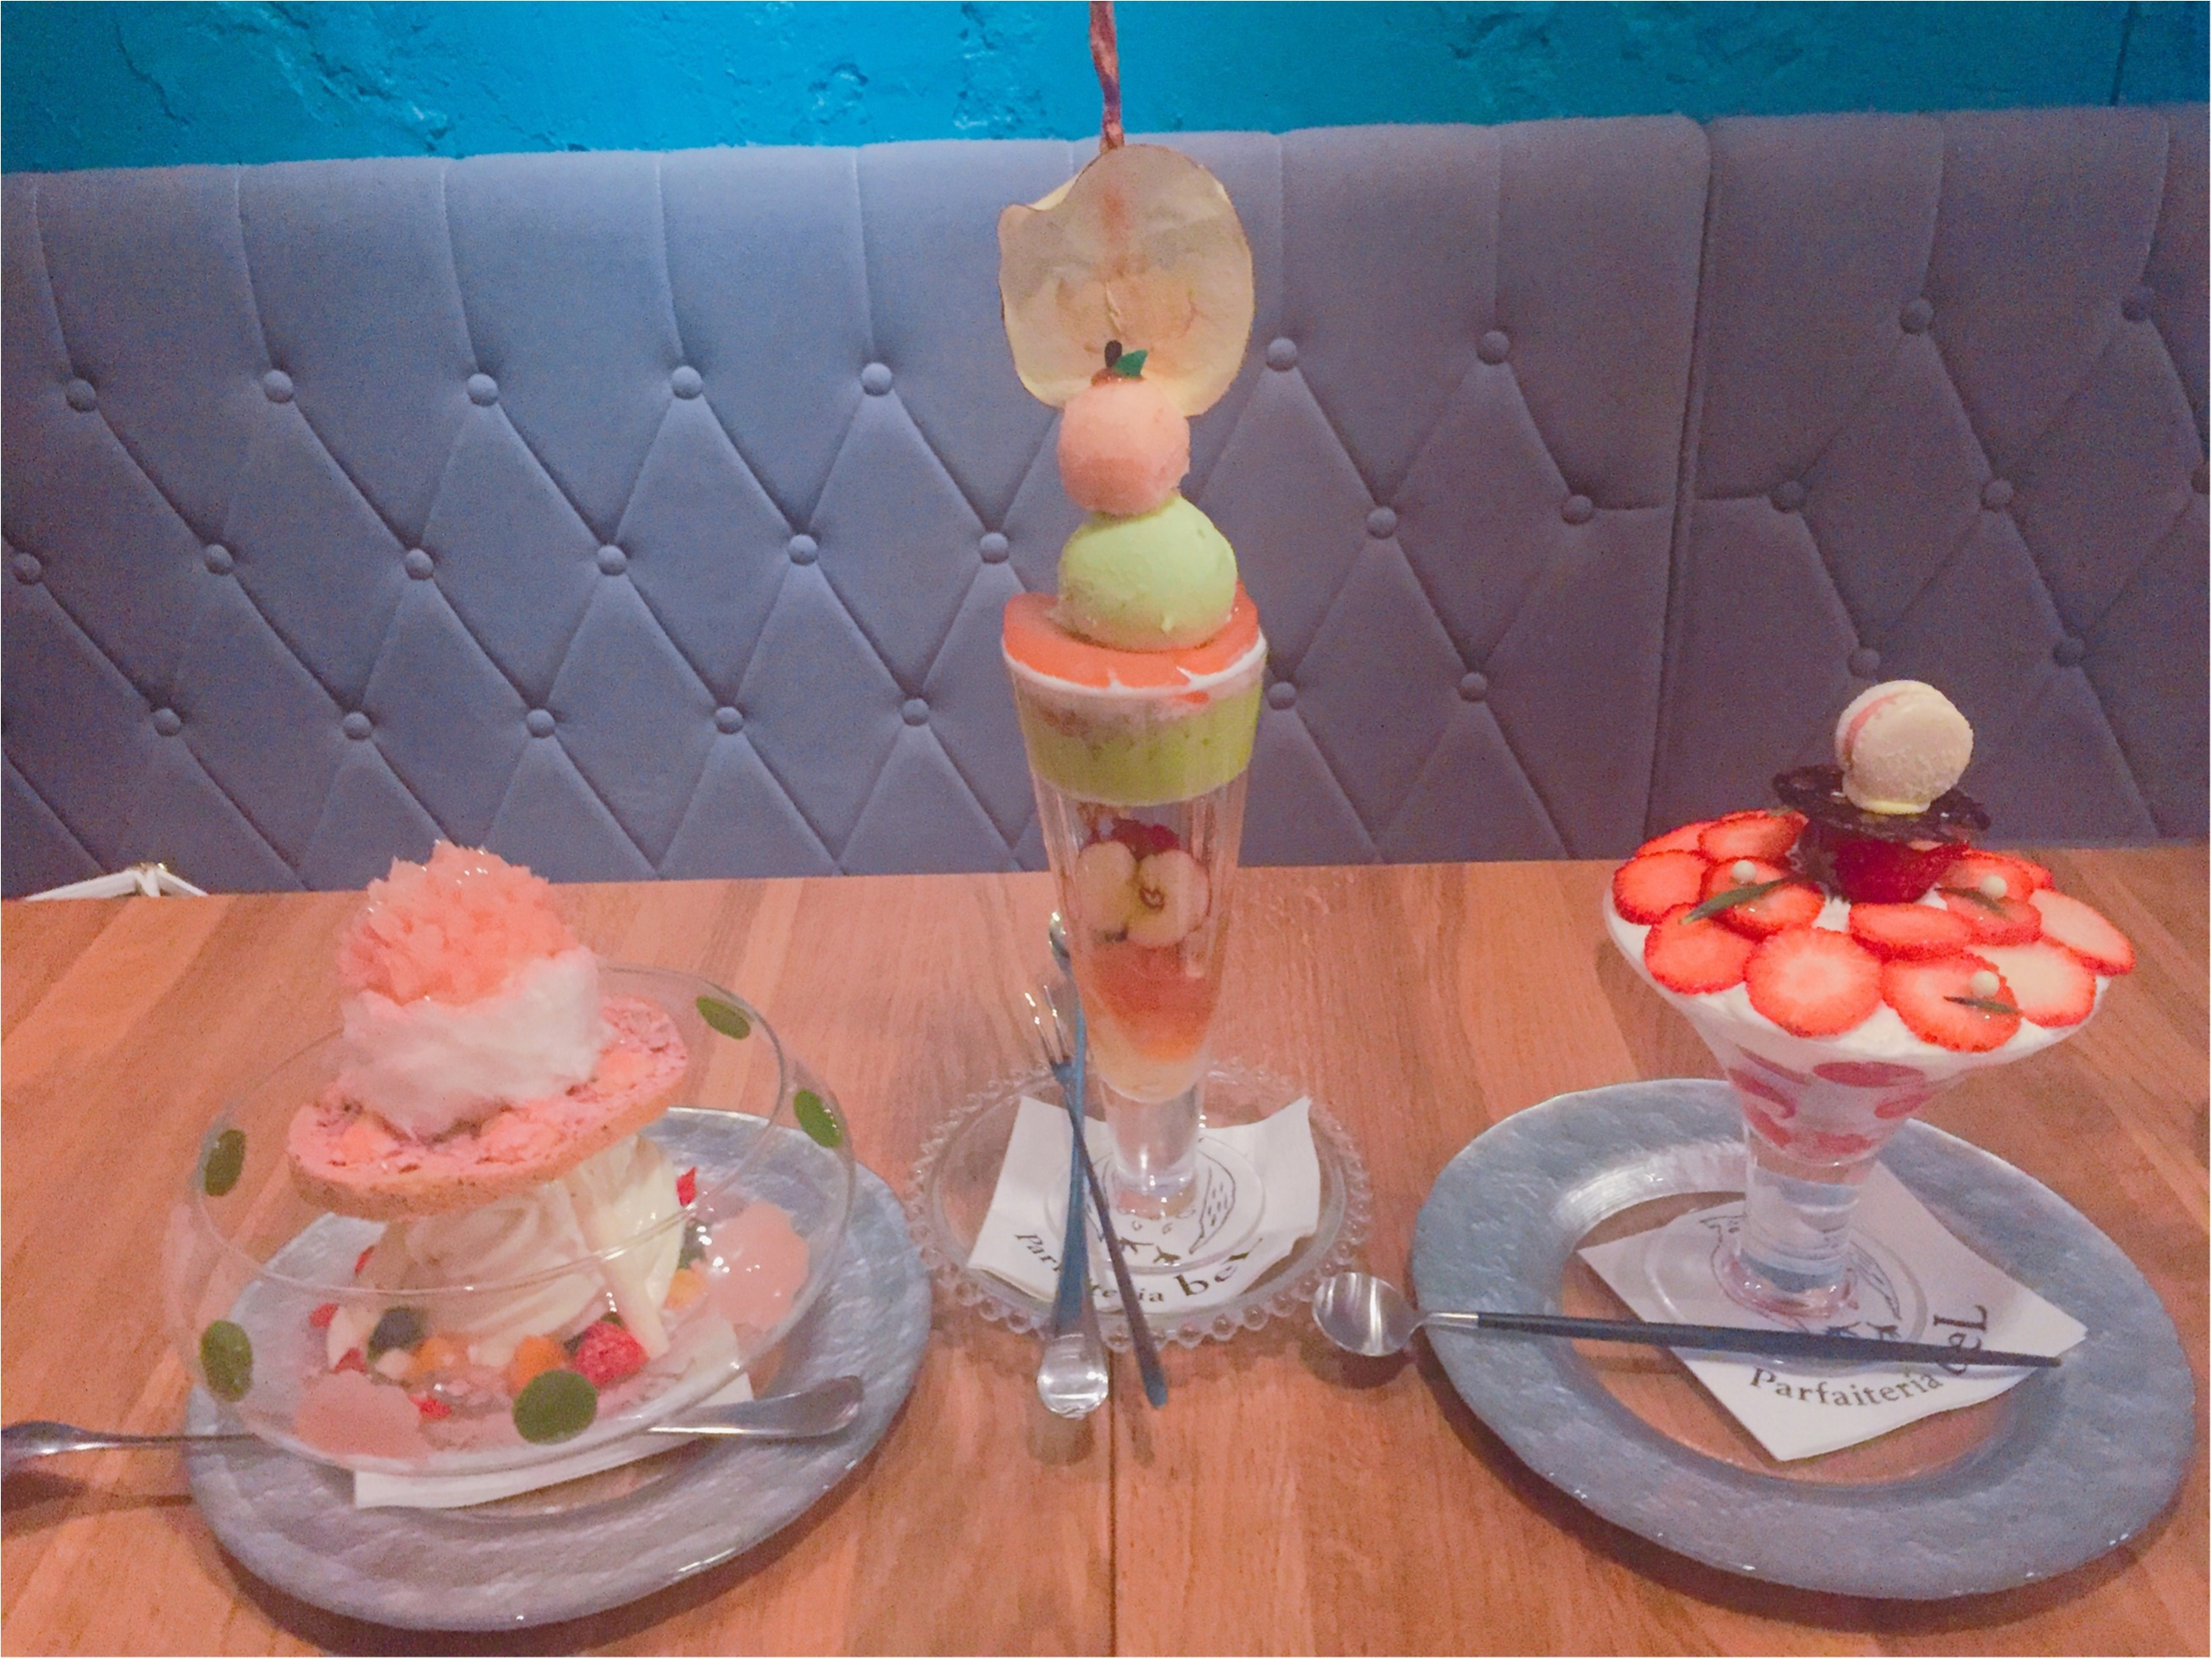 【渋谷/夜だけ食べられるパフェ】一日の締めに美味しいパフェで〆る!お酒も飲めるフォトジェニックなスイーツカフェ♡_4_2